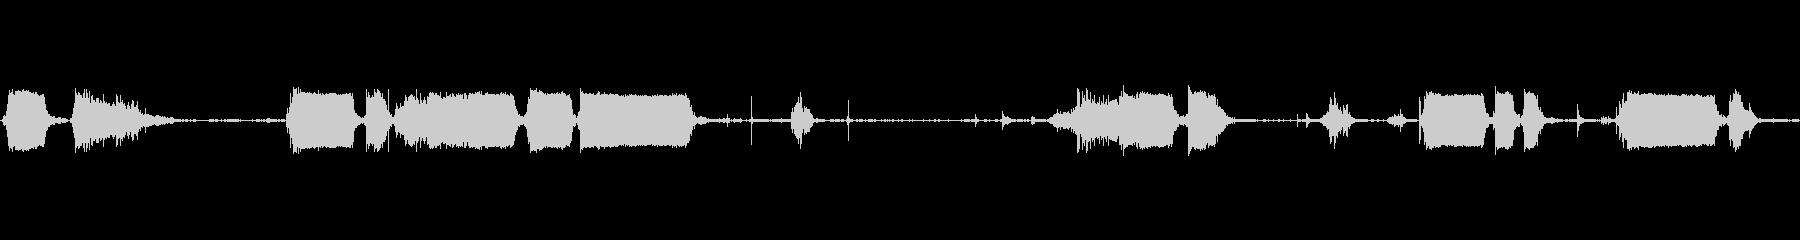 マシン、Dril1;ハンドドリルは...の未再生の波形